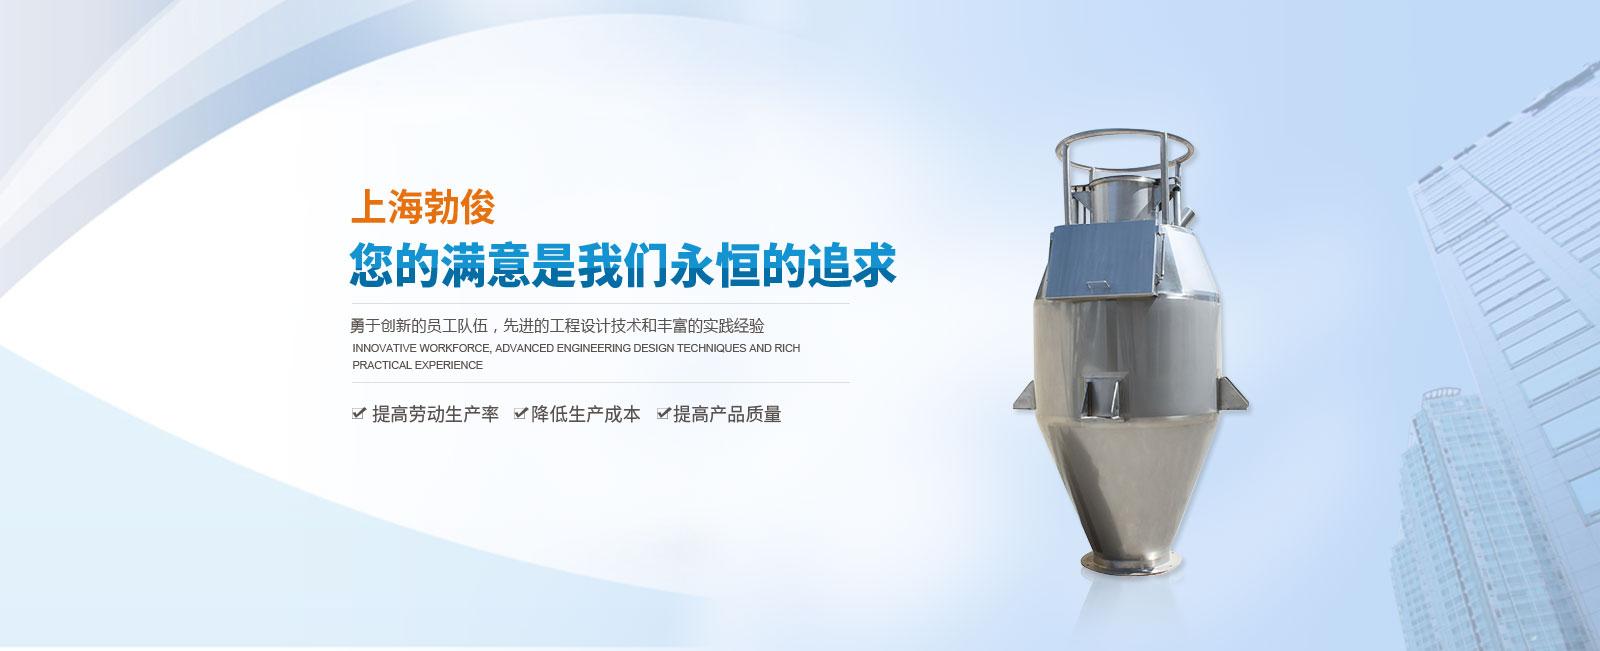 上海辅助设备